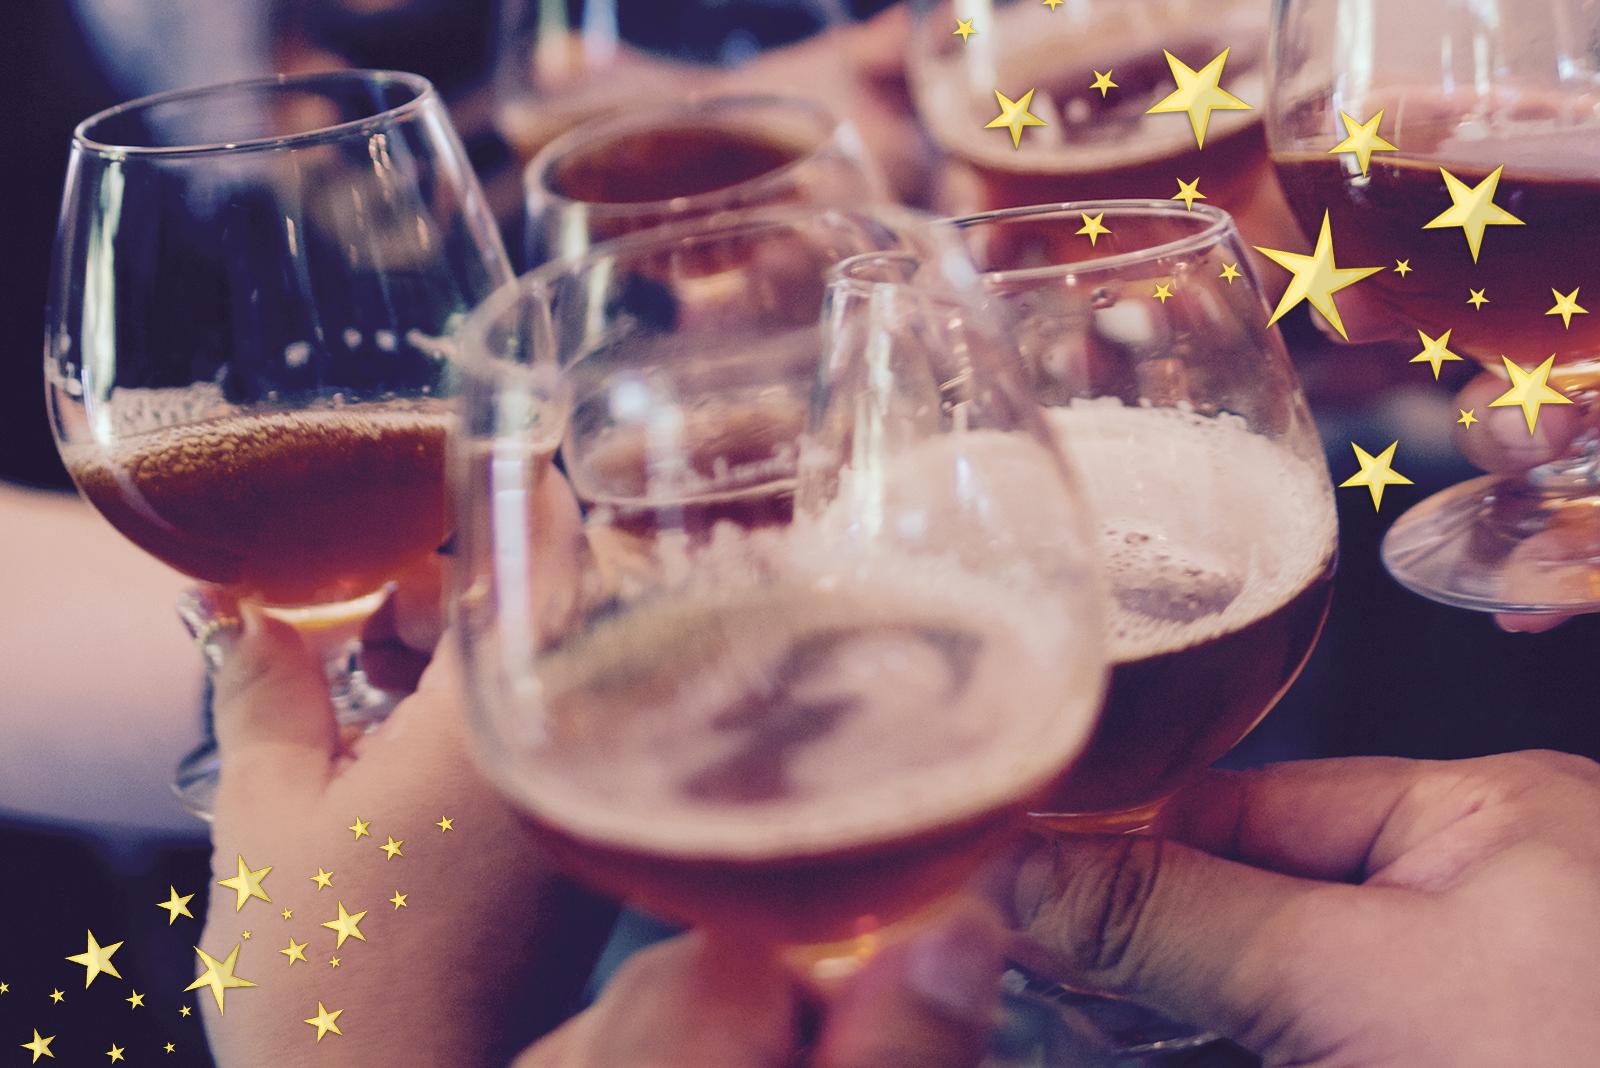 Pretpark de efteling komt met hun eigen bier in samenwerking met brouwerij hertog jan. Alleen hebben ze nog geen naam voor het bier